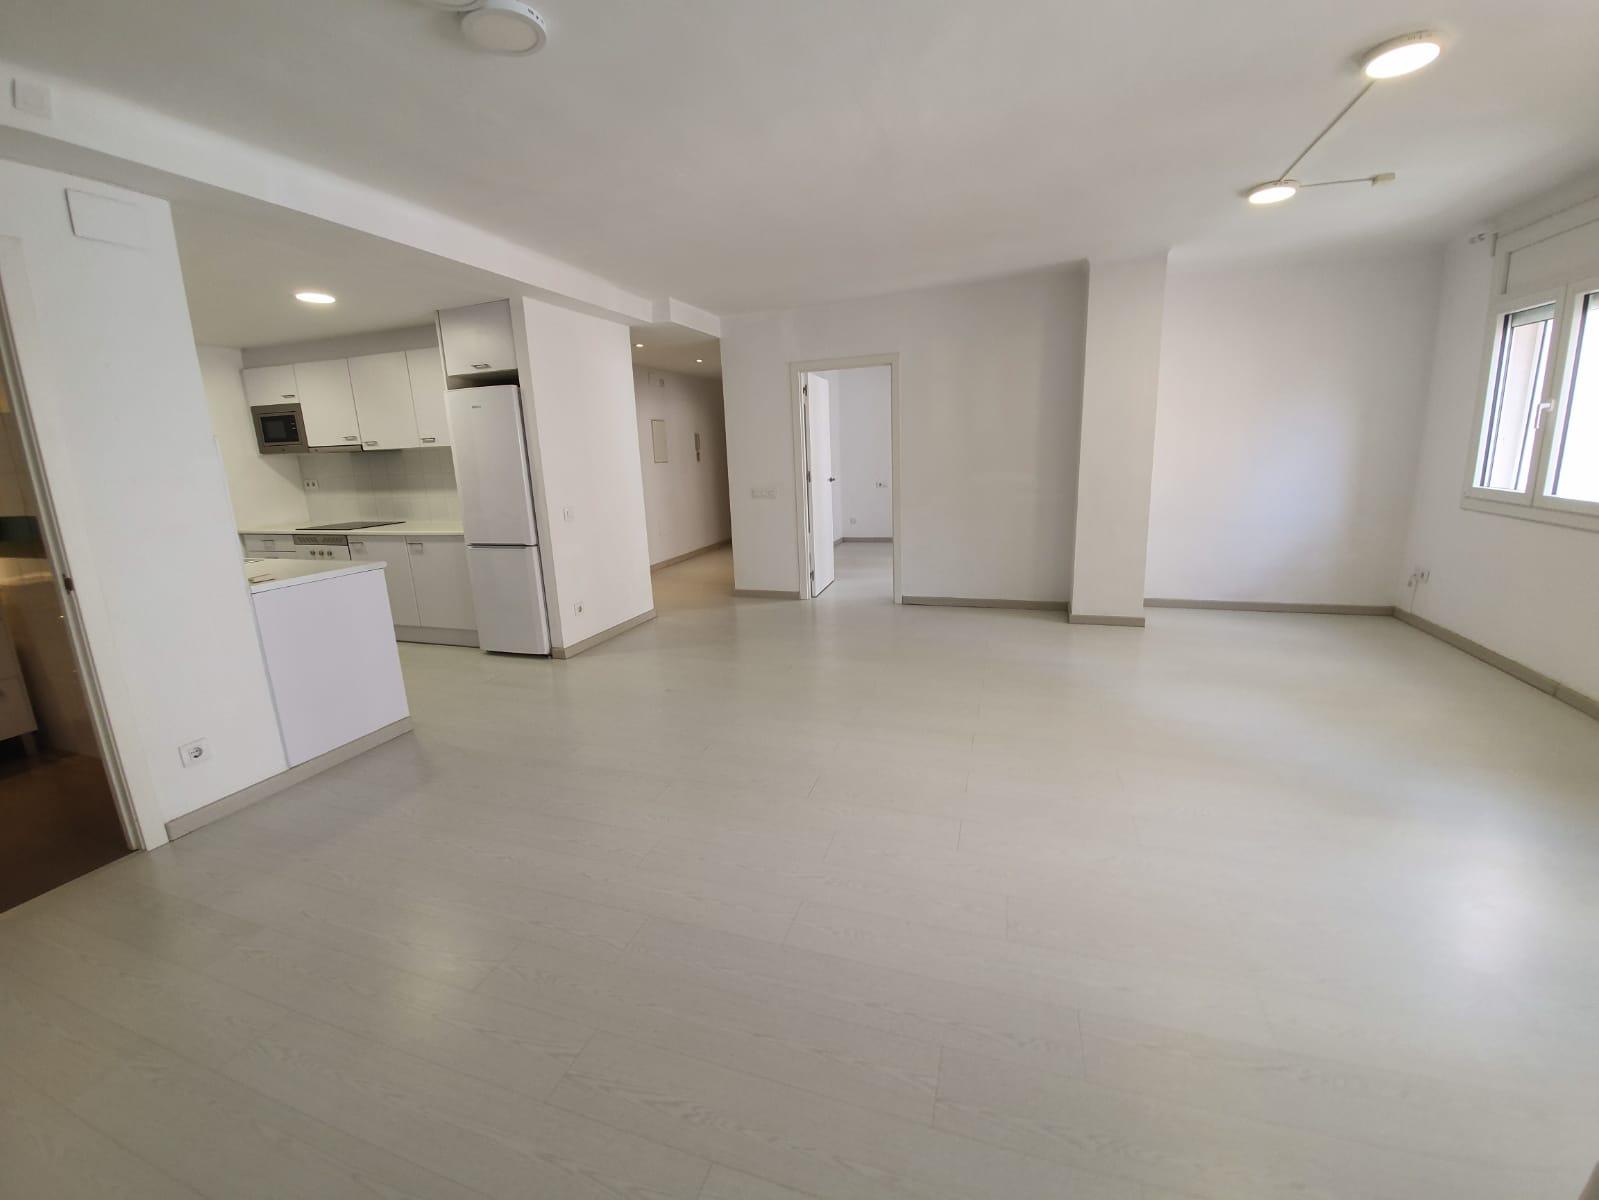 Alquiler Piso  Plaça marques de camps. Precioso piso recién reformado, preparado para entrar a vivir